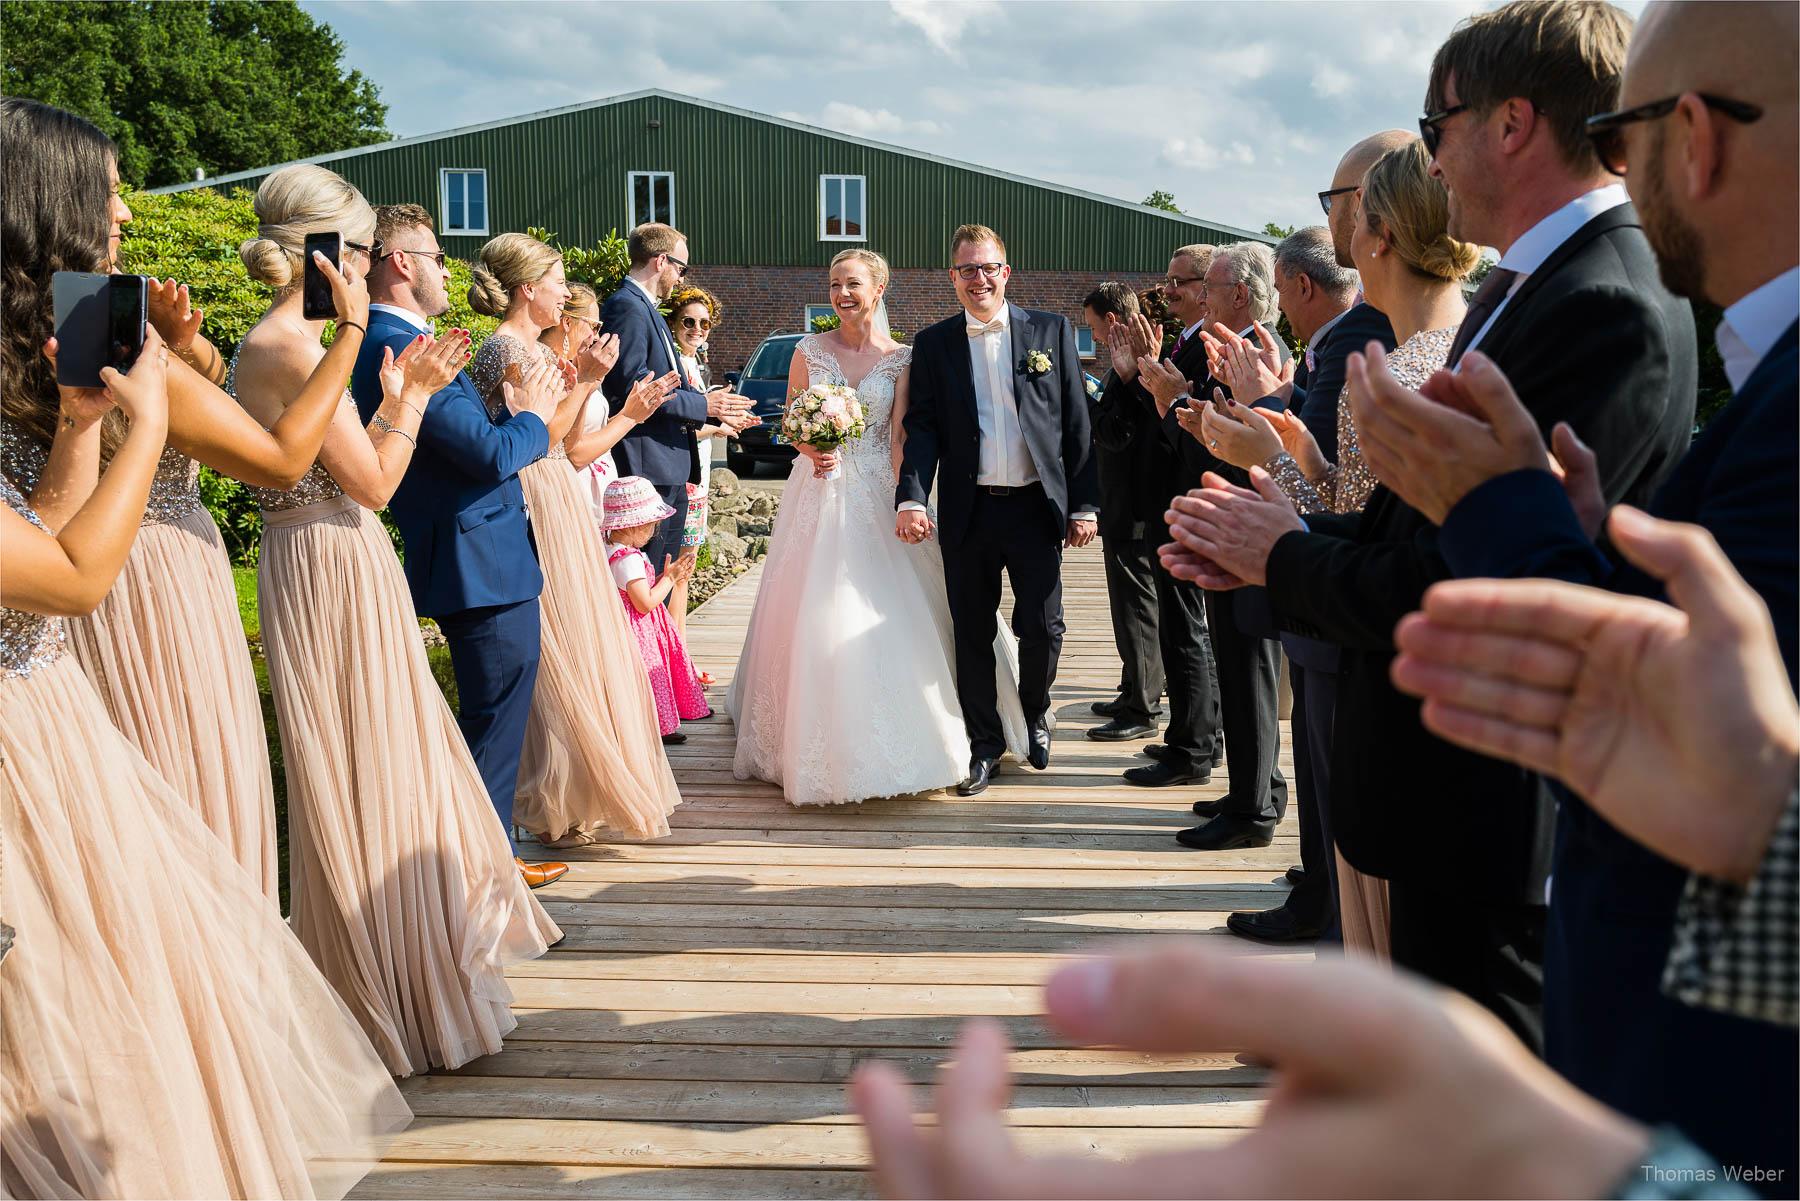 Gratulation der Hochzeitsgäste vor der Hochzeitsfeier, Kirchliche Hochzeit in Rastede und Hochzeitsfeier in der Scheune St. Georg Rastede, Hochzeitsfotograf Thomas Weber aus Oldenburg